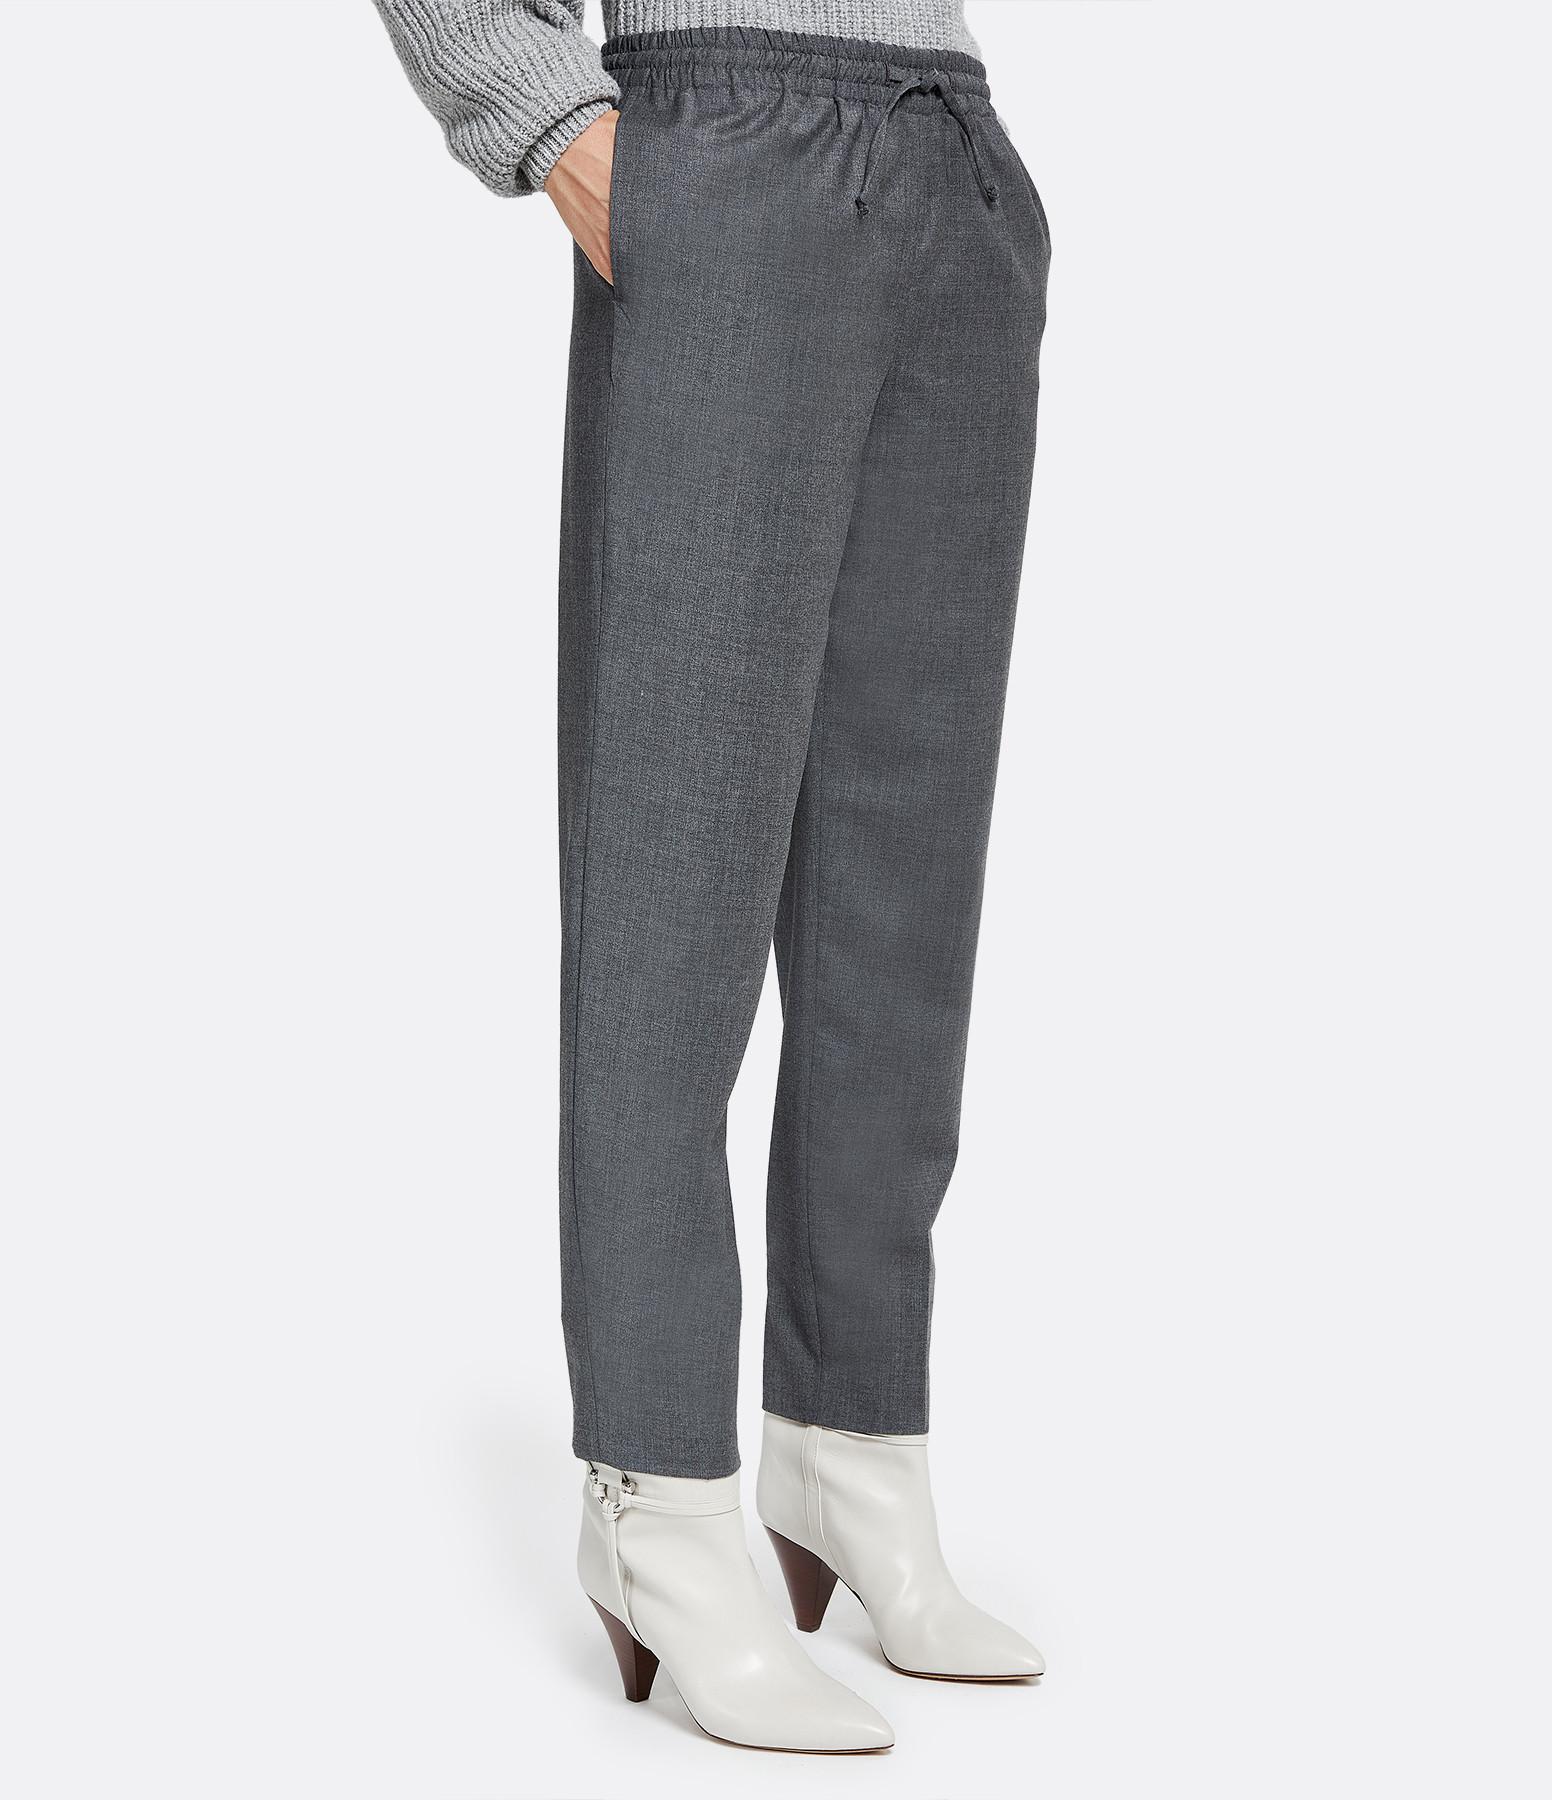 MAISON STANDARDS - Pantalon Ceinture Élastiquée Gris